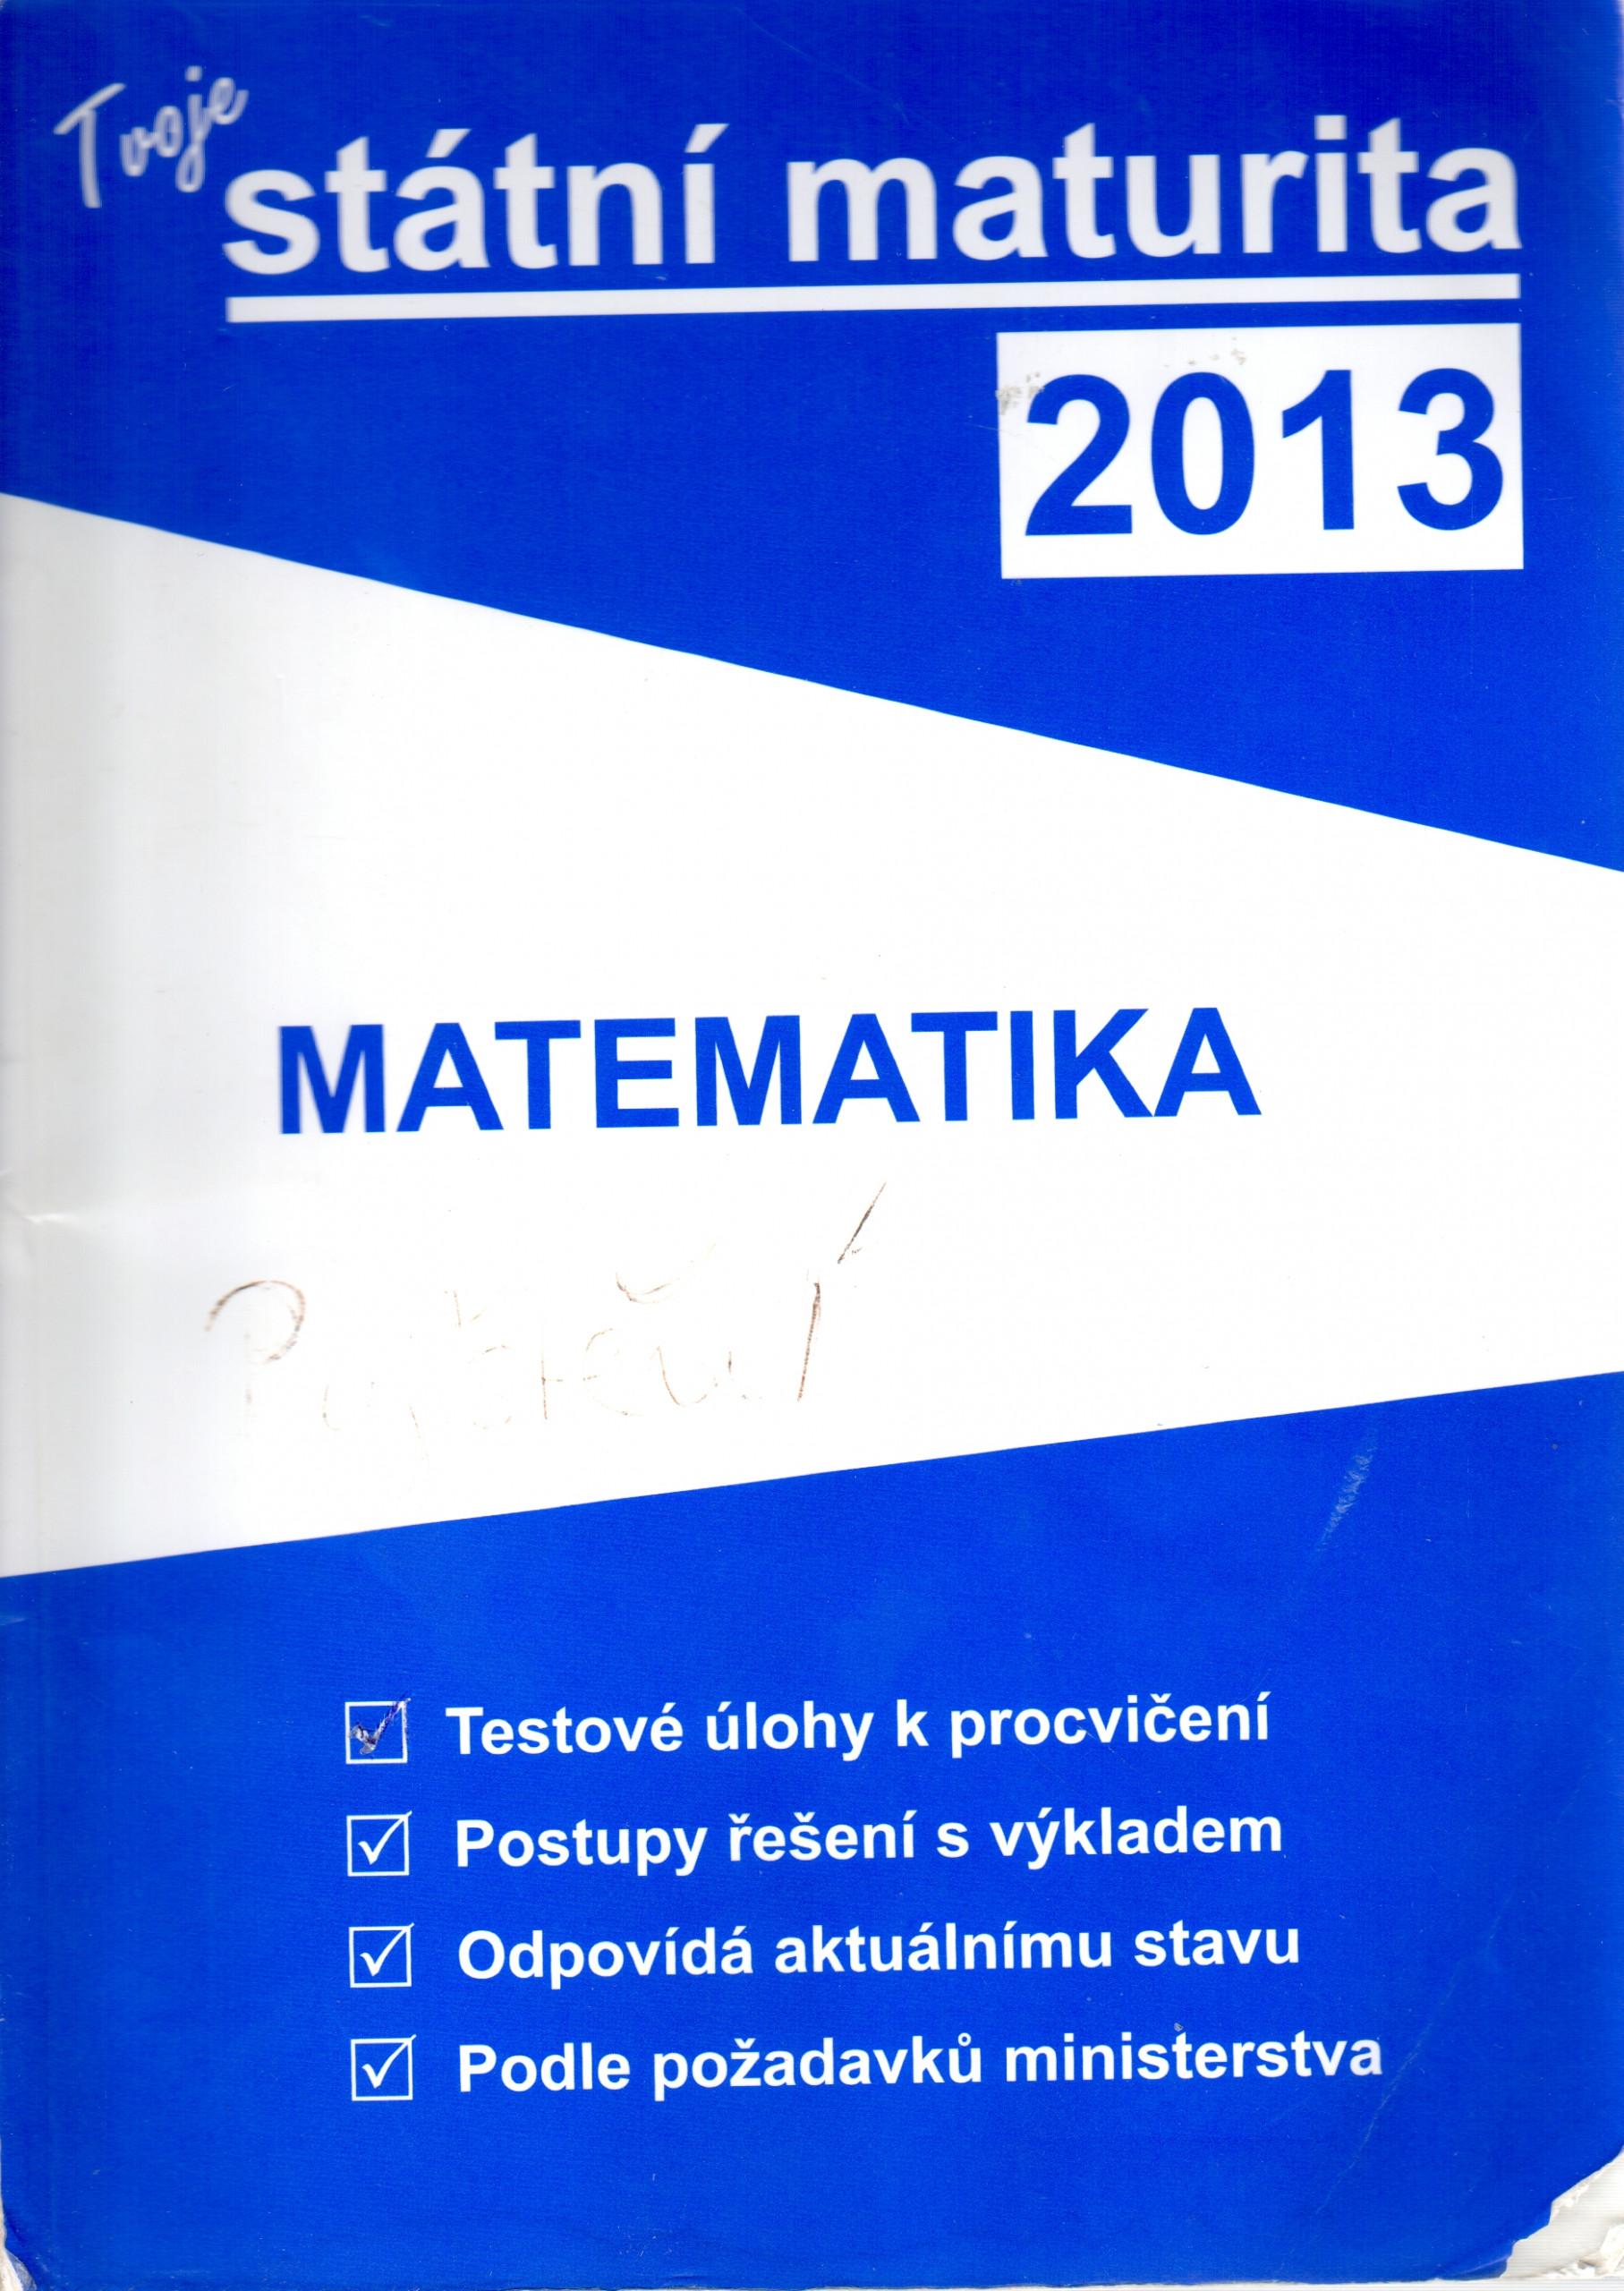 Tvoje státní maturita 2013: Matematika - Náhled učebnice